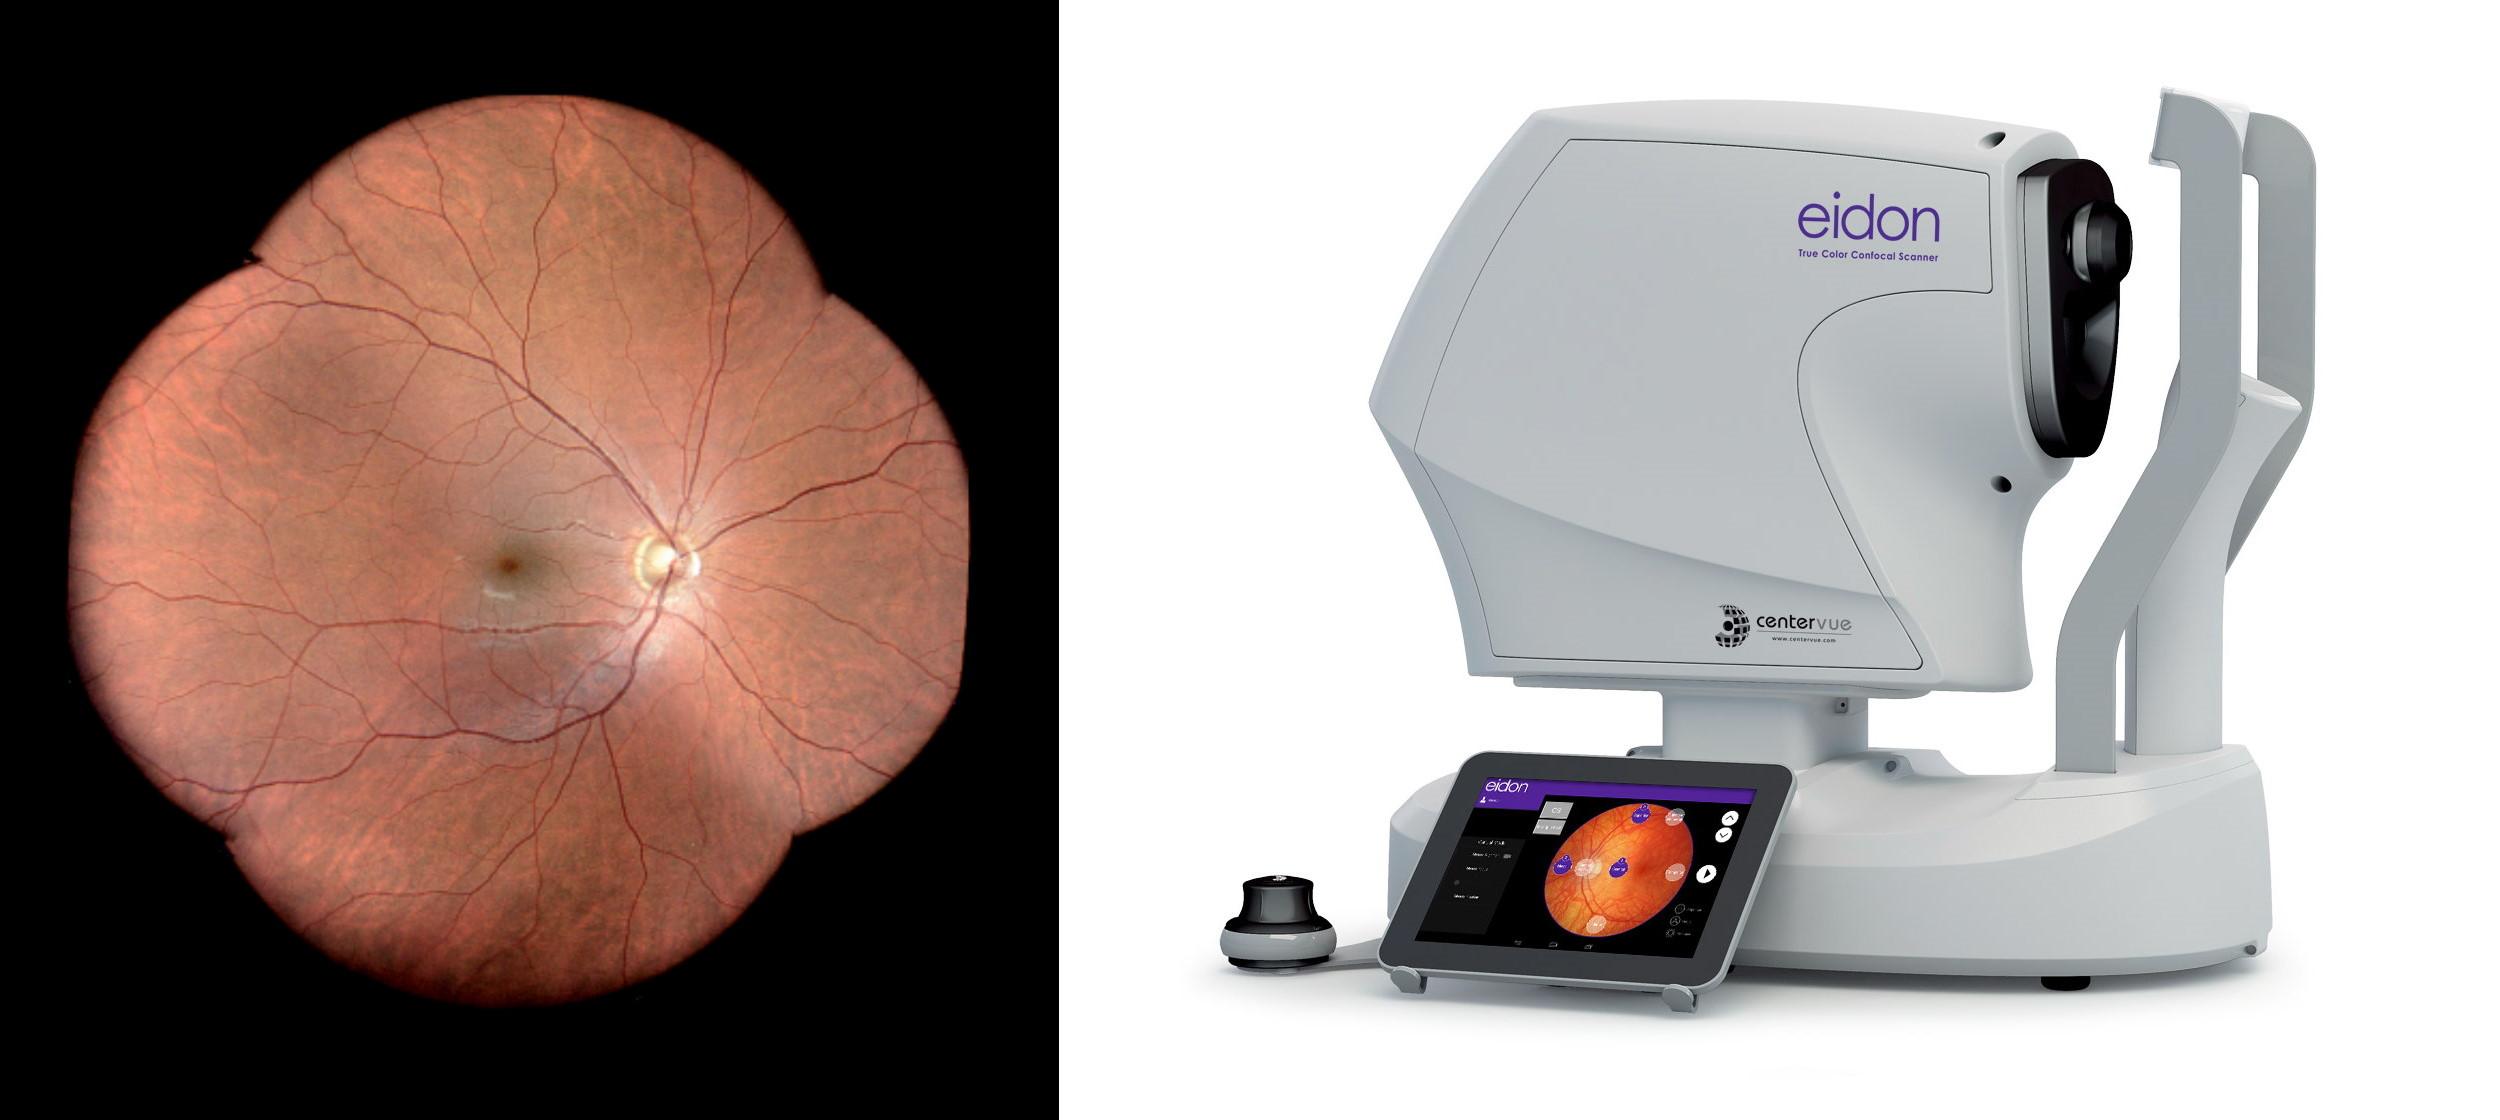 iCare Eidon silmänpohjakamera.